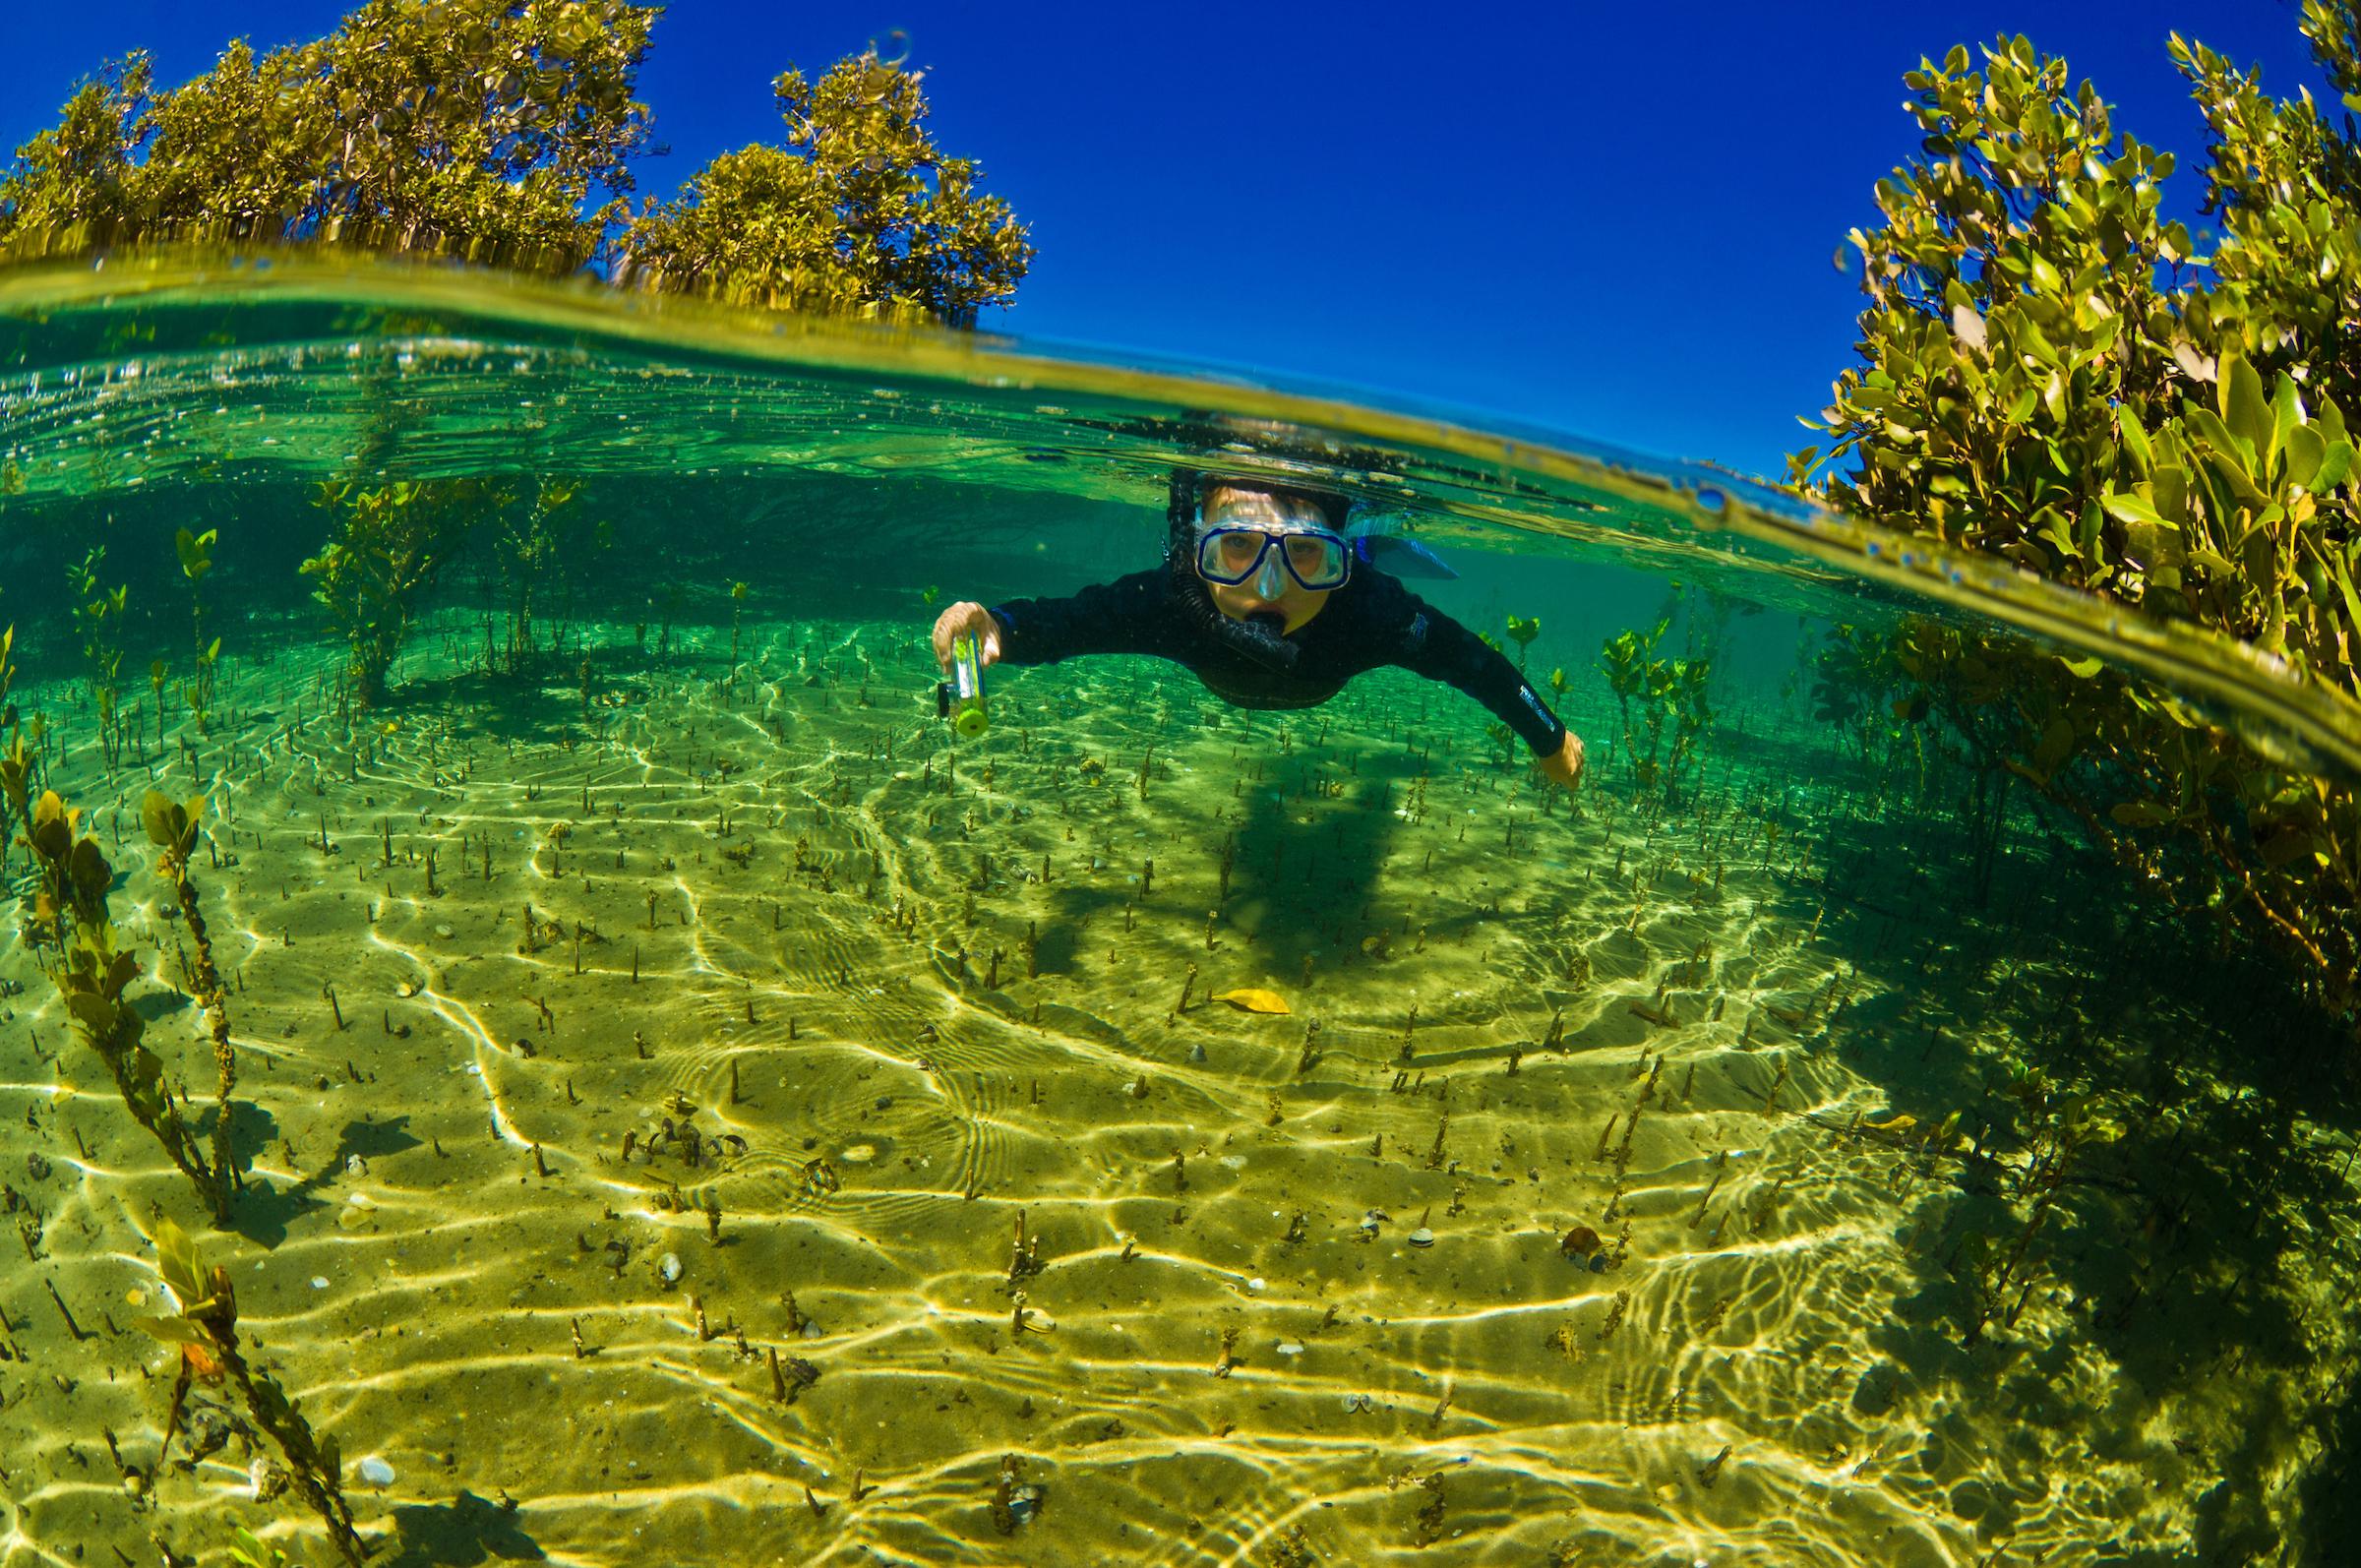 Mangroves_01.jpg